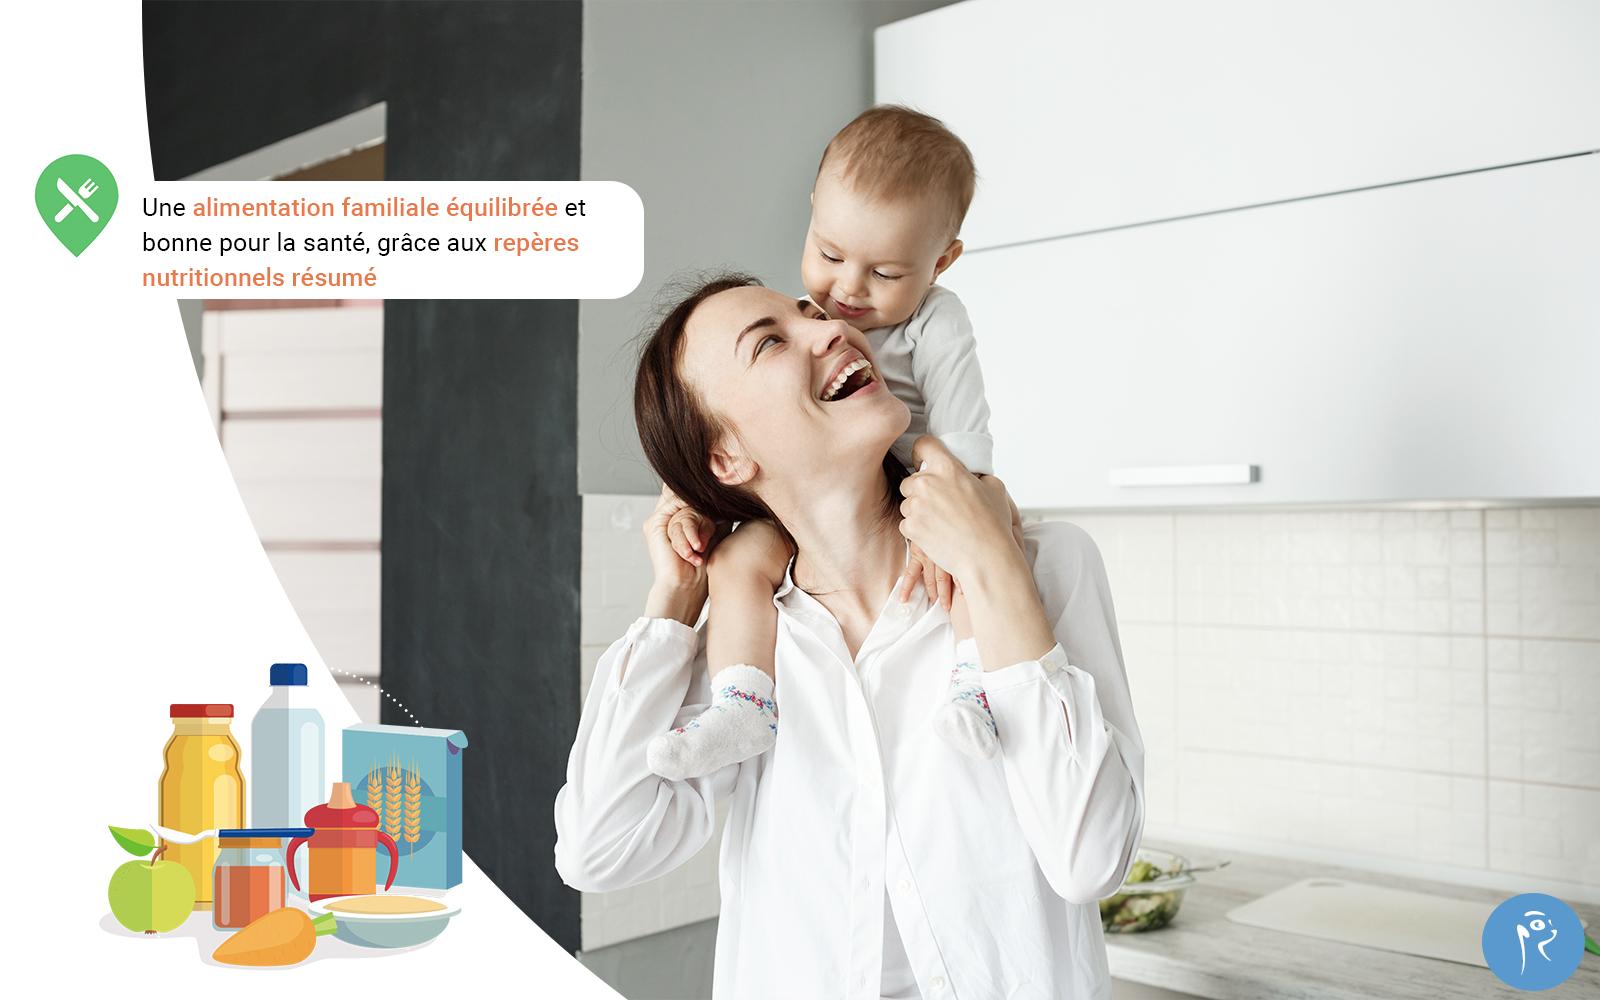 Une alimentation familiale équilibrée et bonne pour la santé grâce aux repères nutritionnels résumé